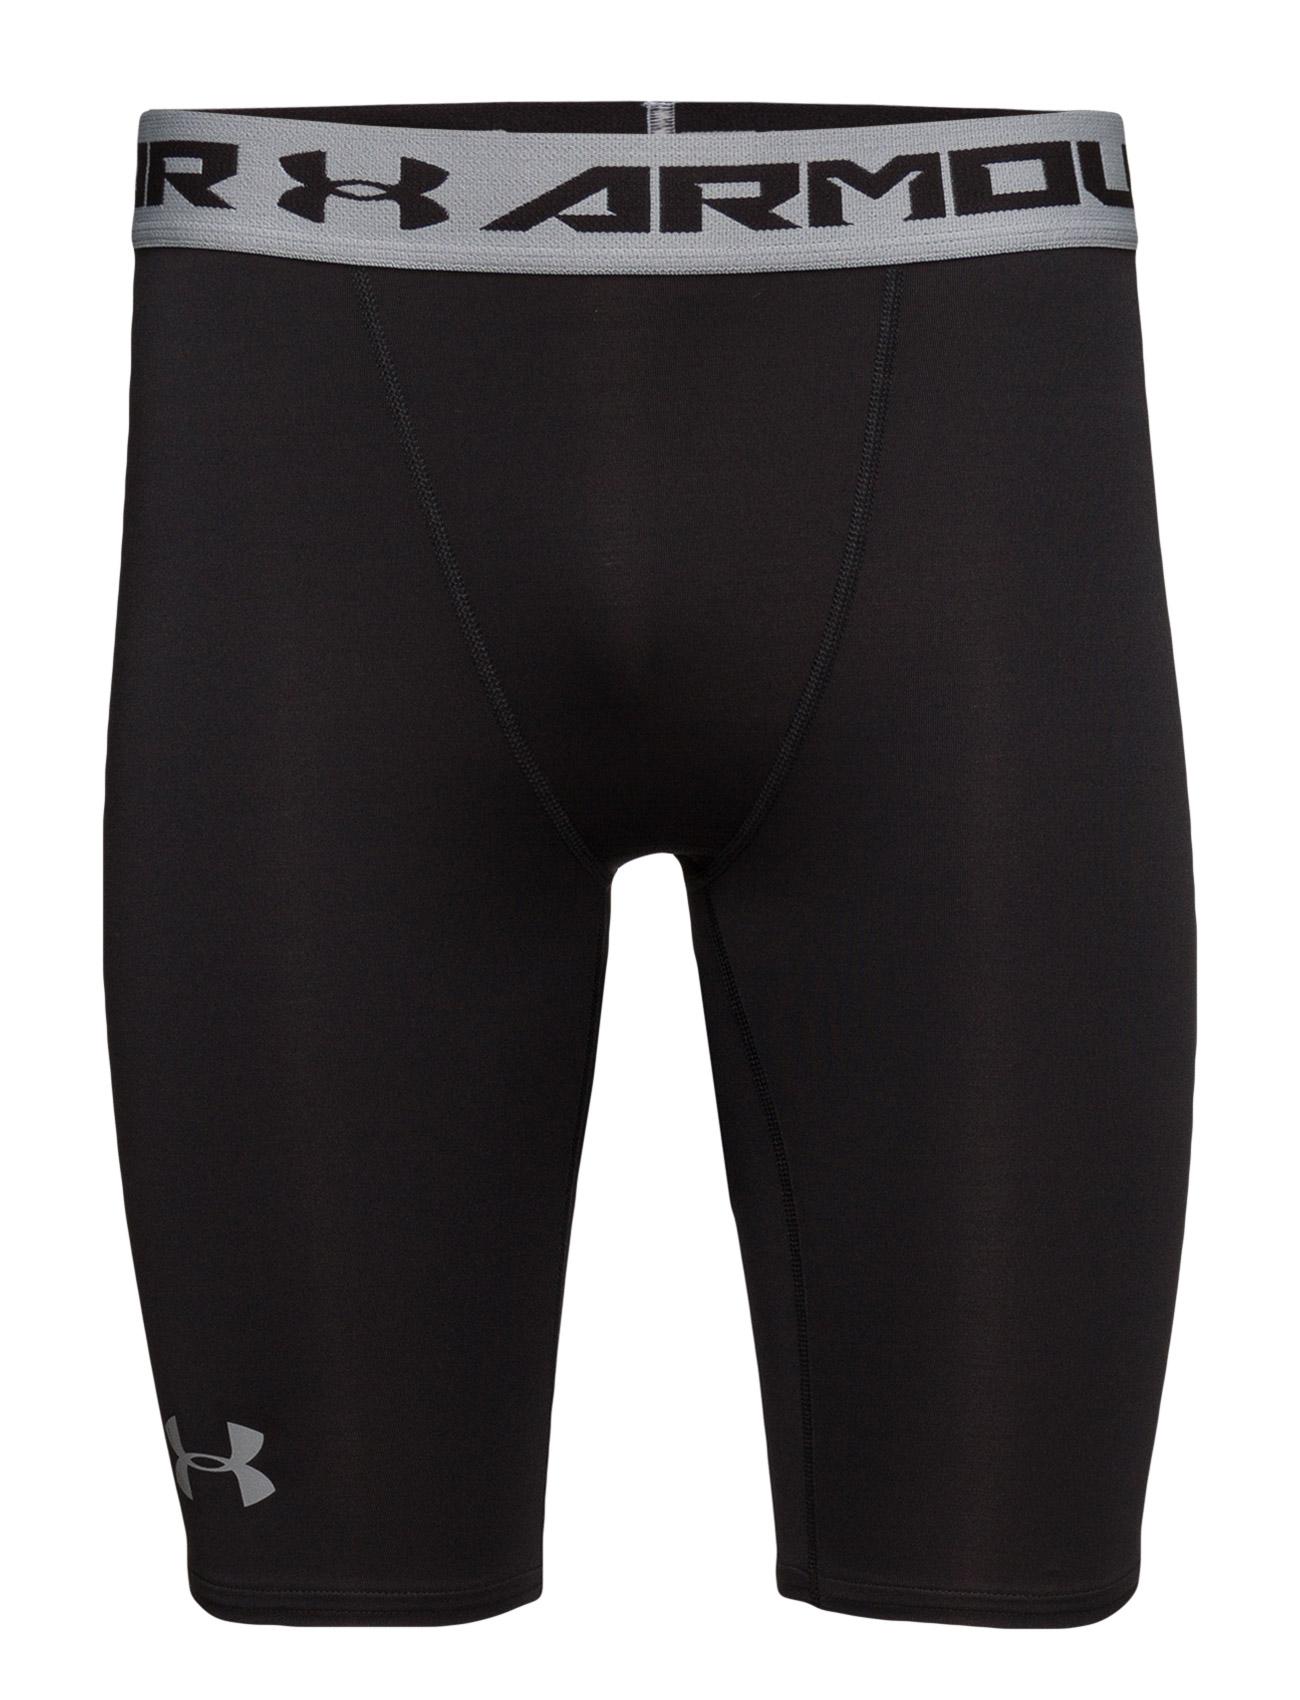 Armour Hg Long Comp Short Under Armour Sportstøj til Mænd i Sort